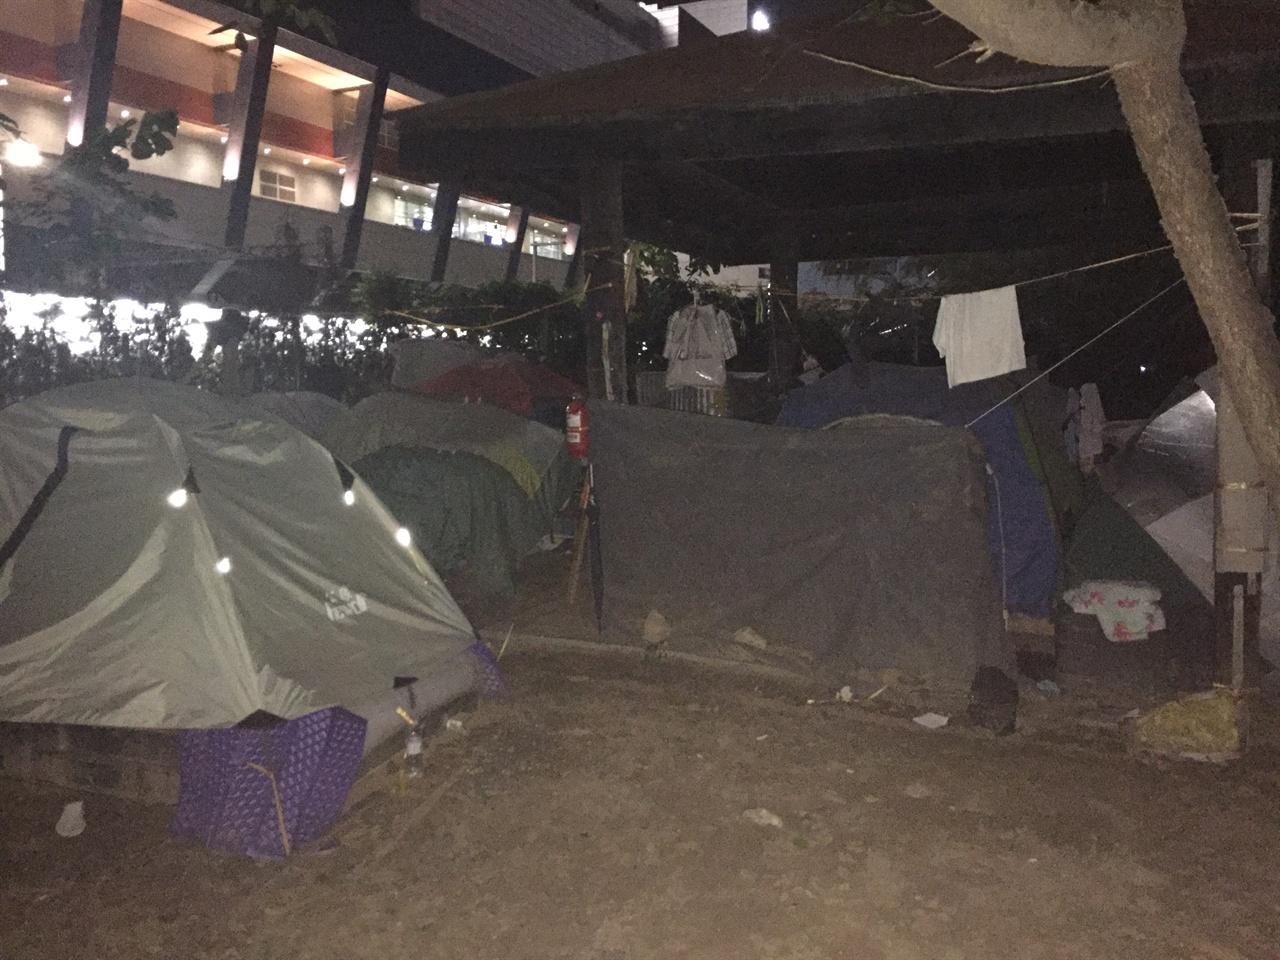 용산역 텐트촌 그곳에도 사람이 살고 있다.